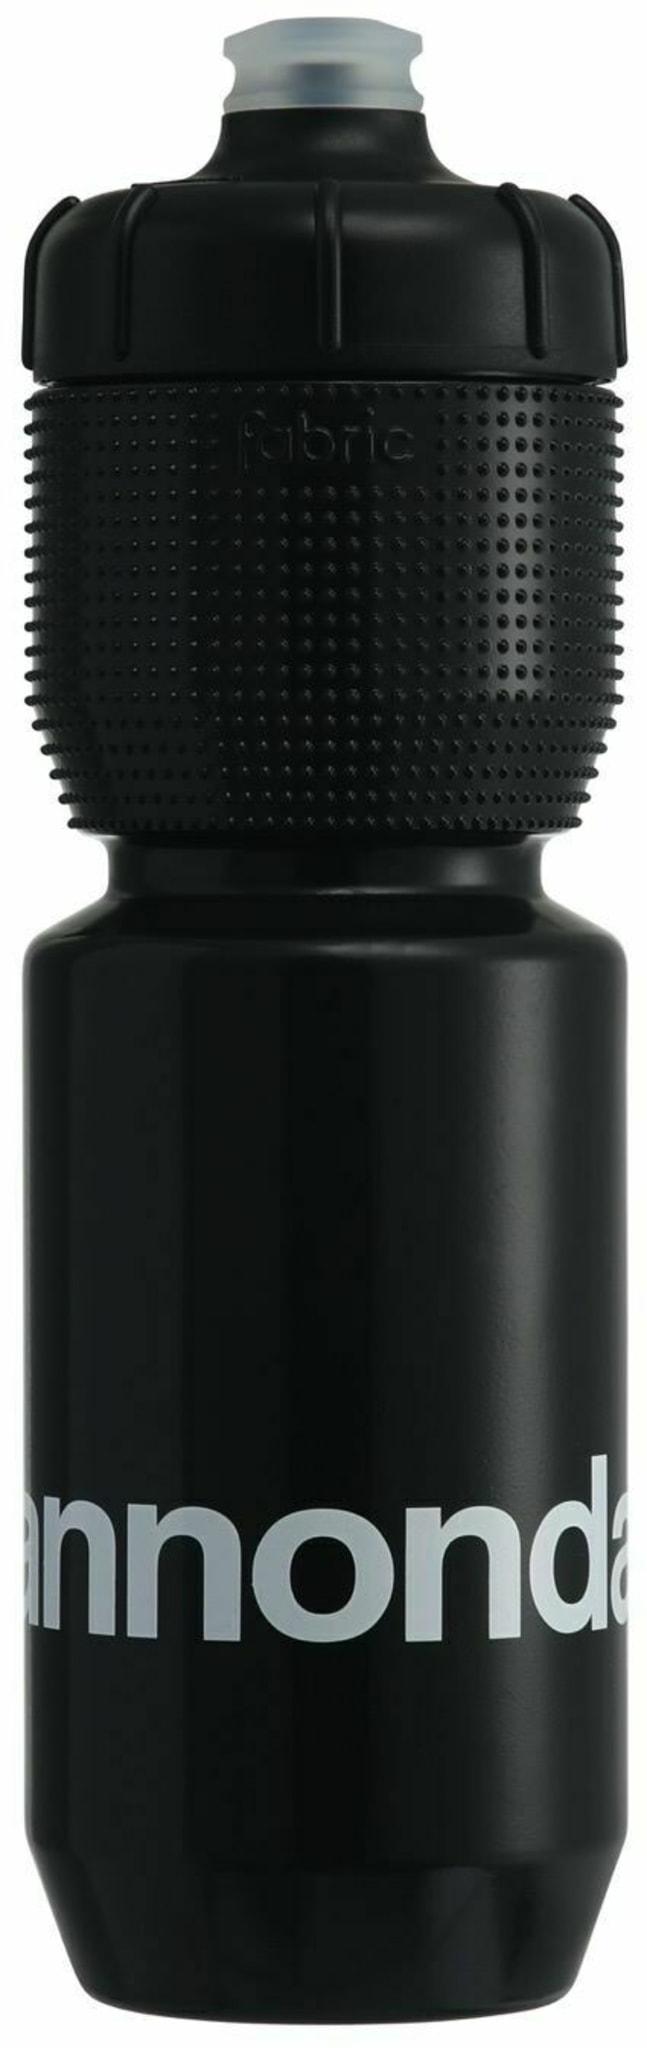 Drikkeflaske fra Cannondale - 750ml.